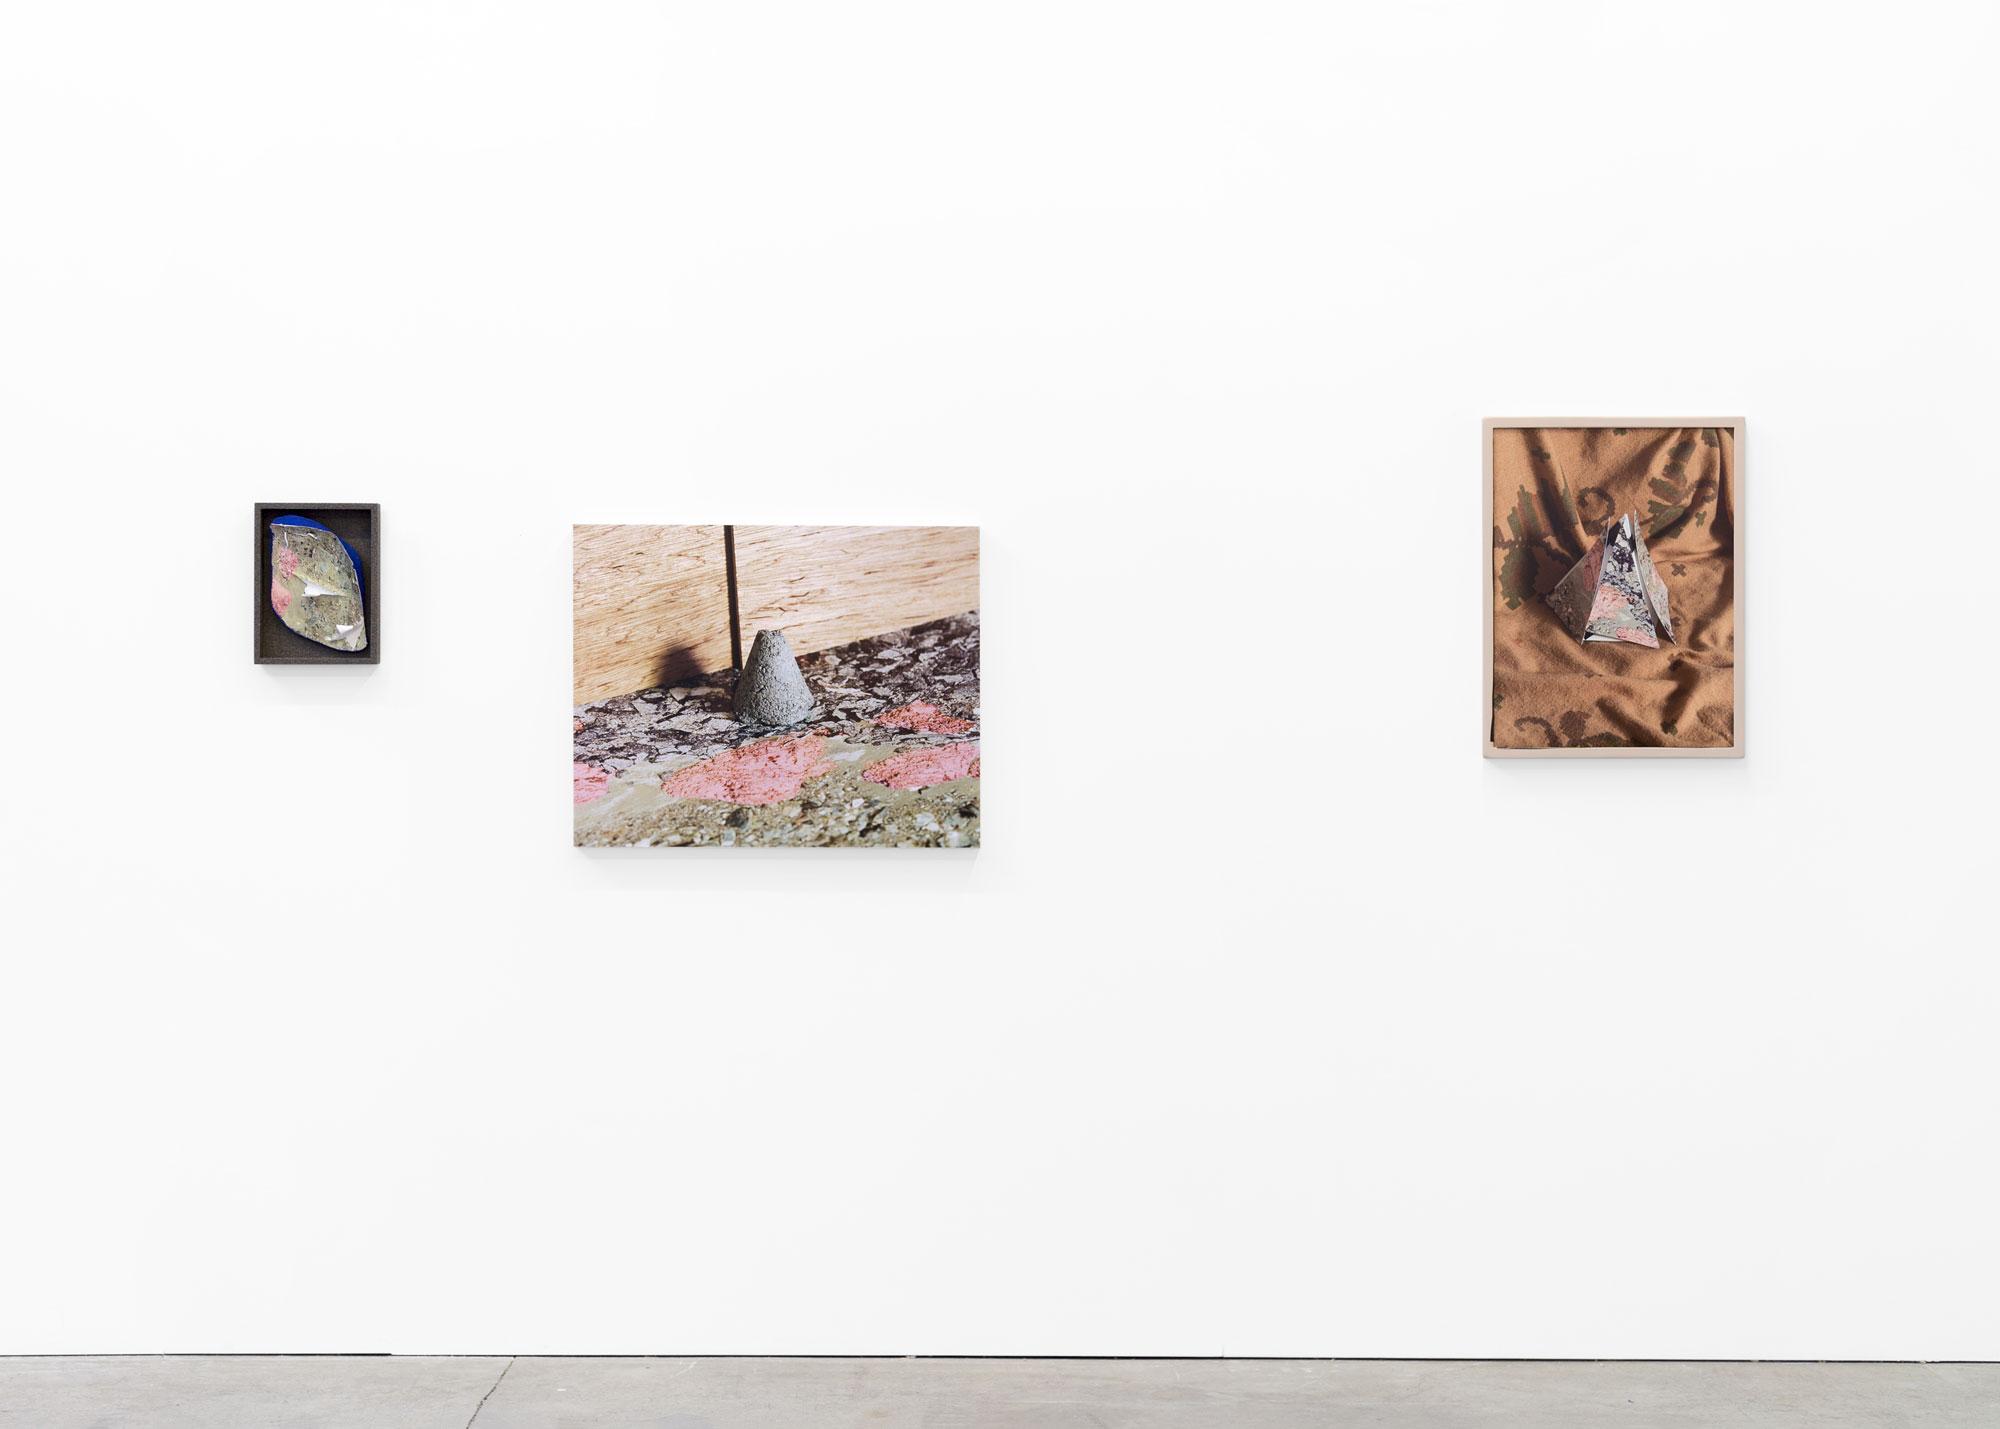 Gallery295_INDEX2015_GraemeWahn_installationview_03.jpg